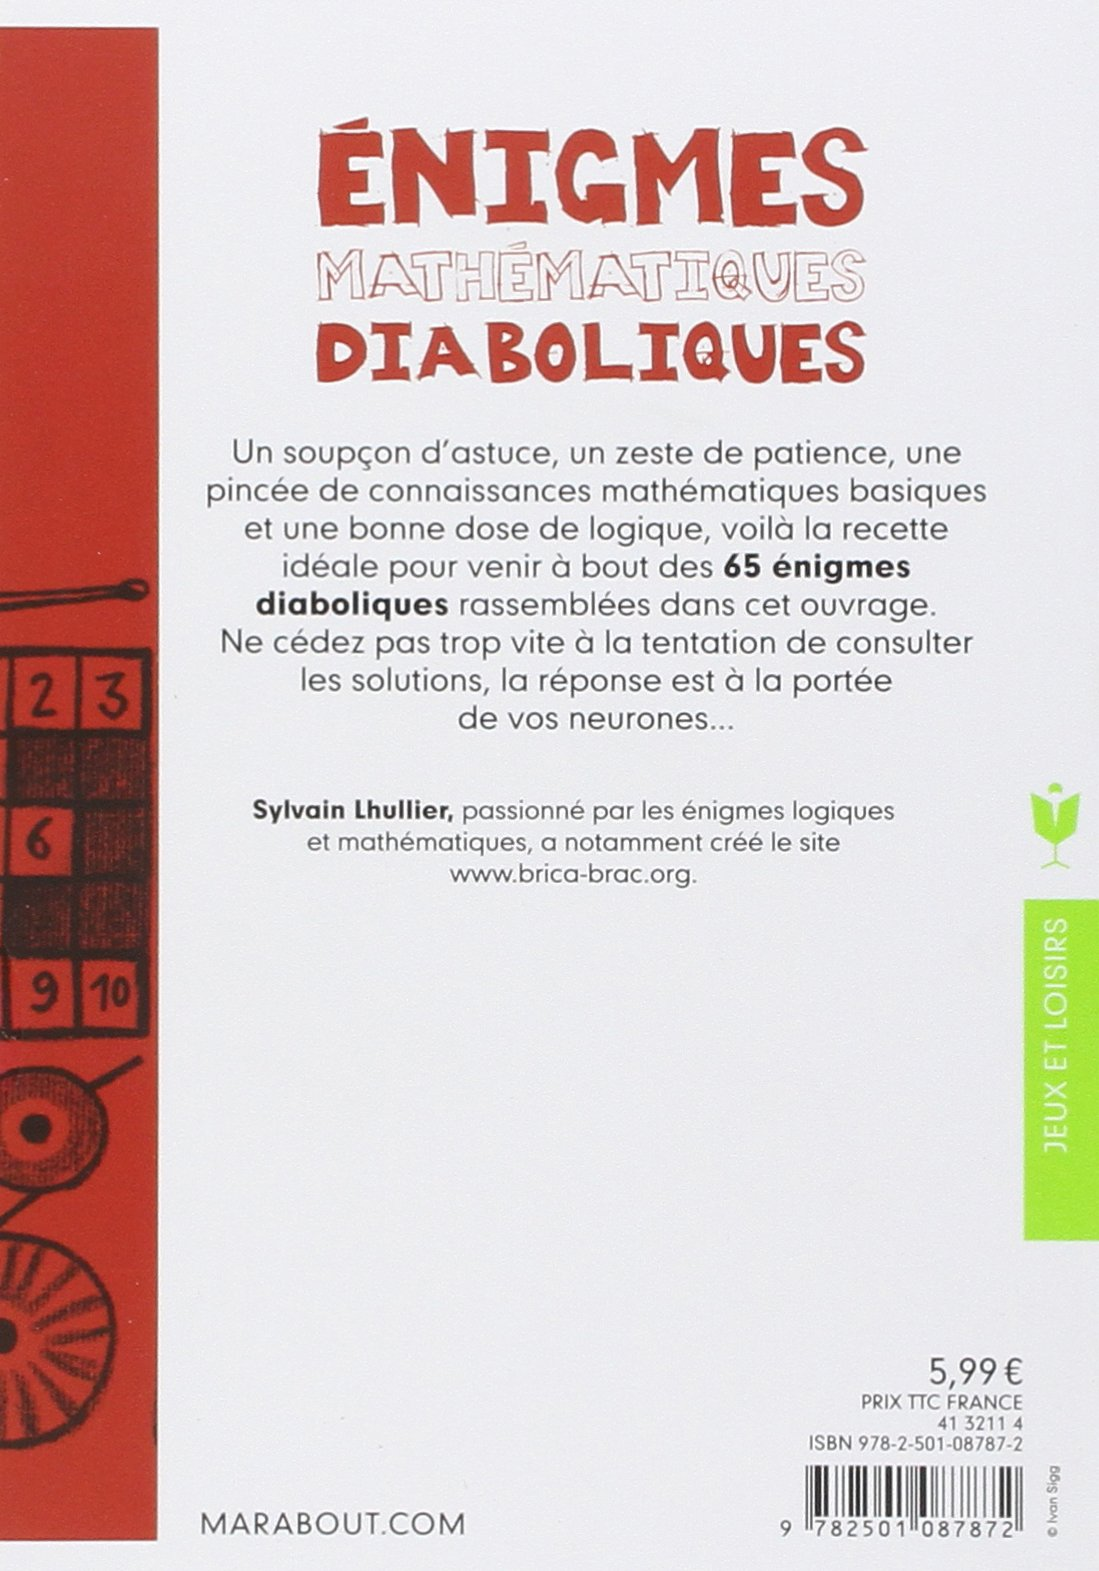 Amazon.fr - Enigmes mathématiques diaboliques - Sylvain Lhullier - Livres